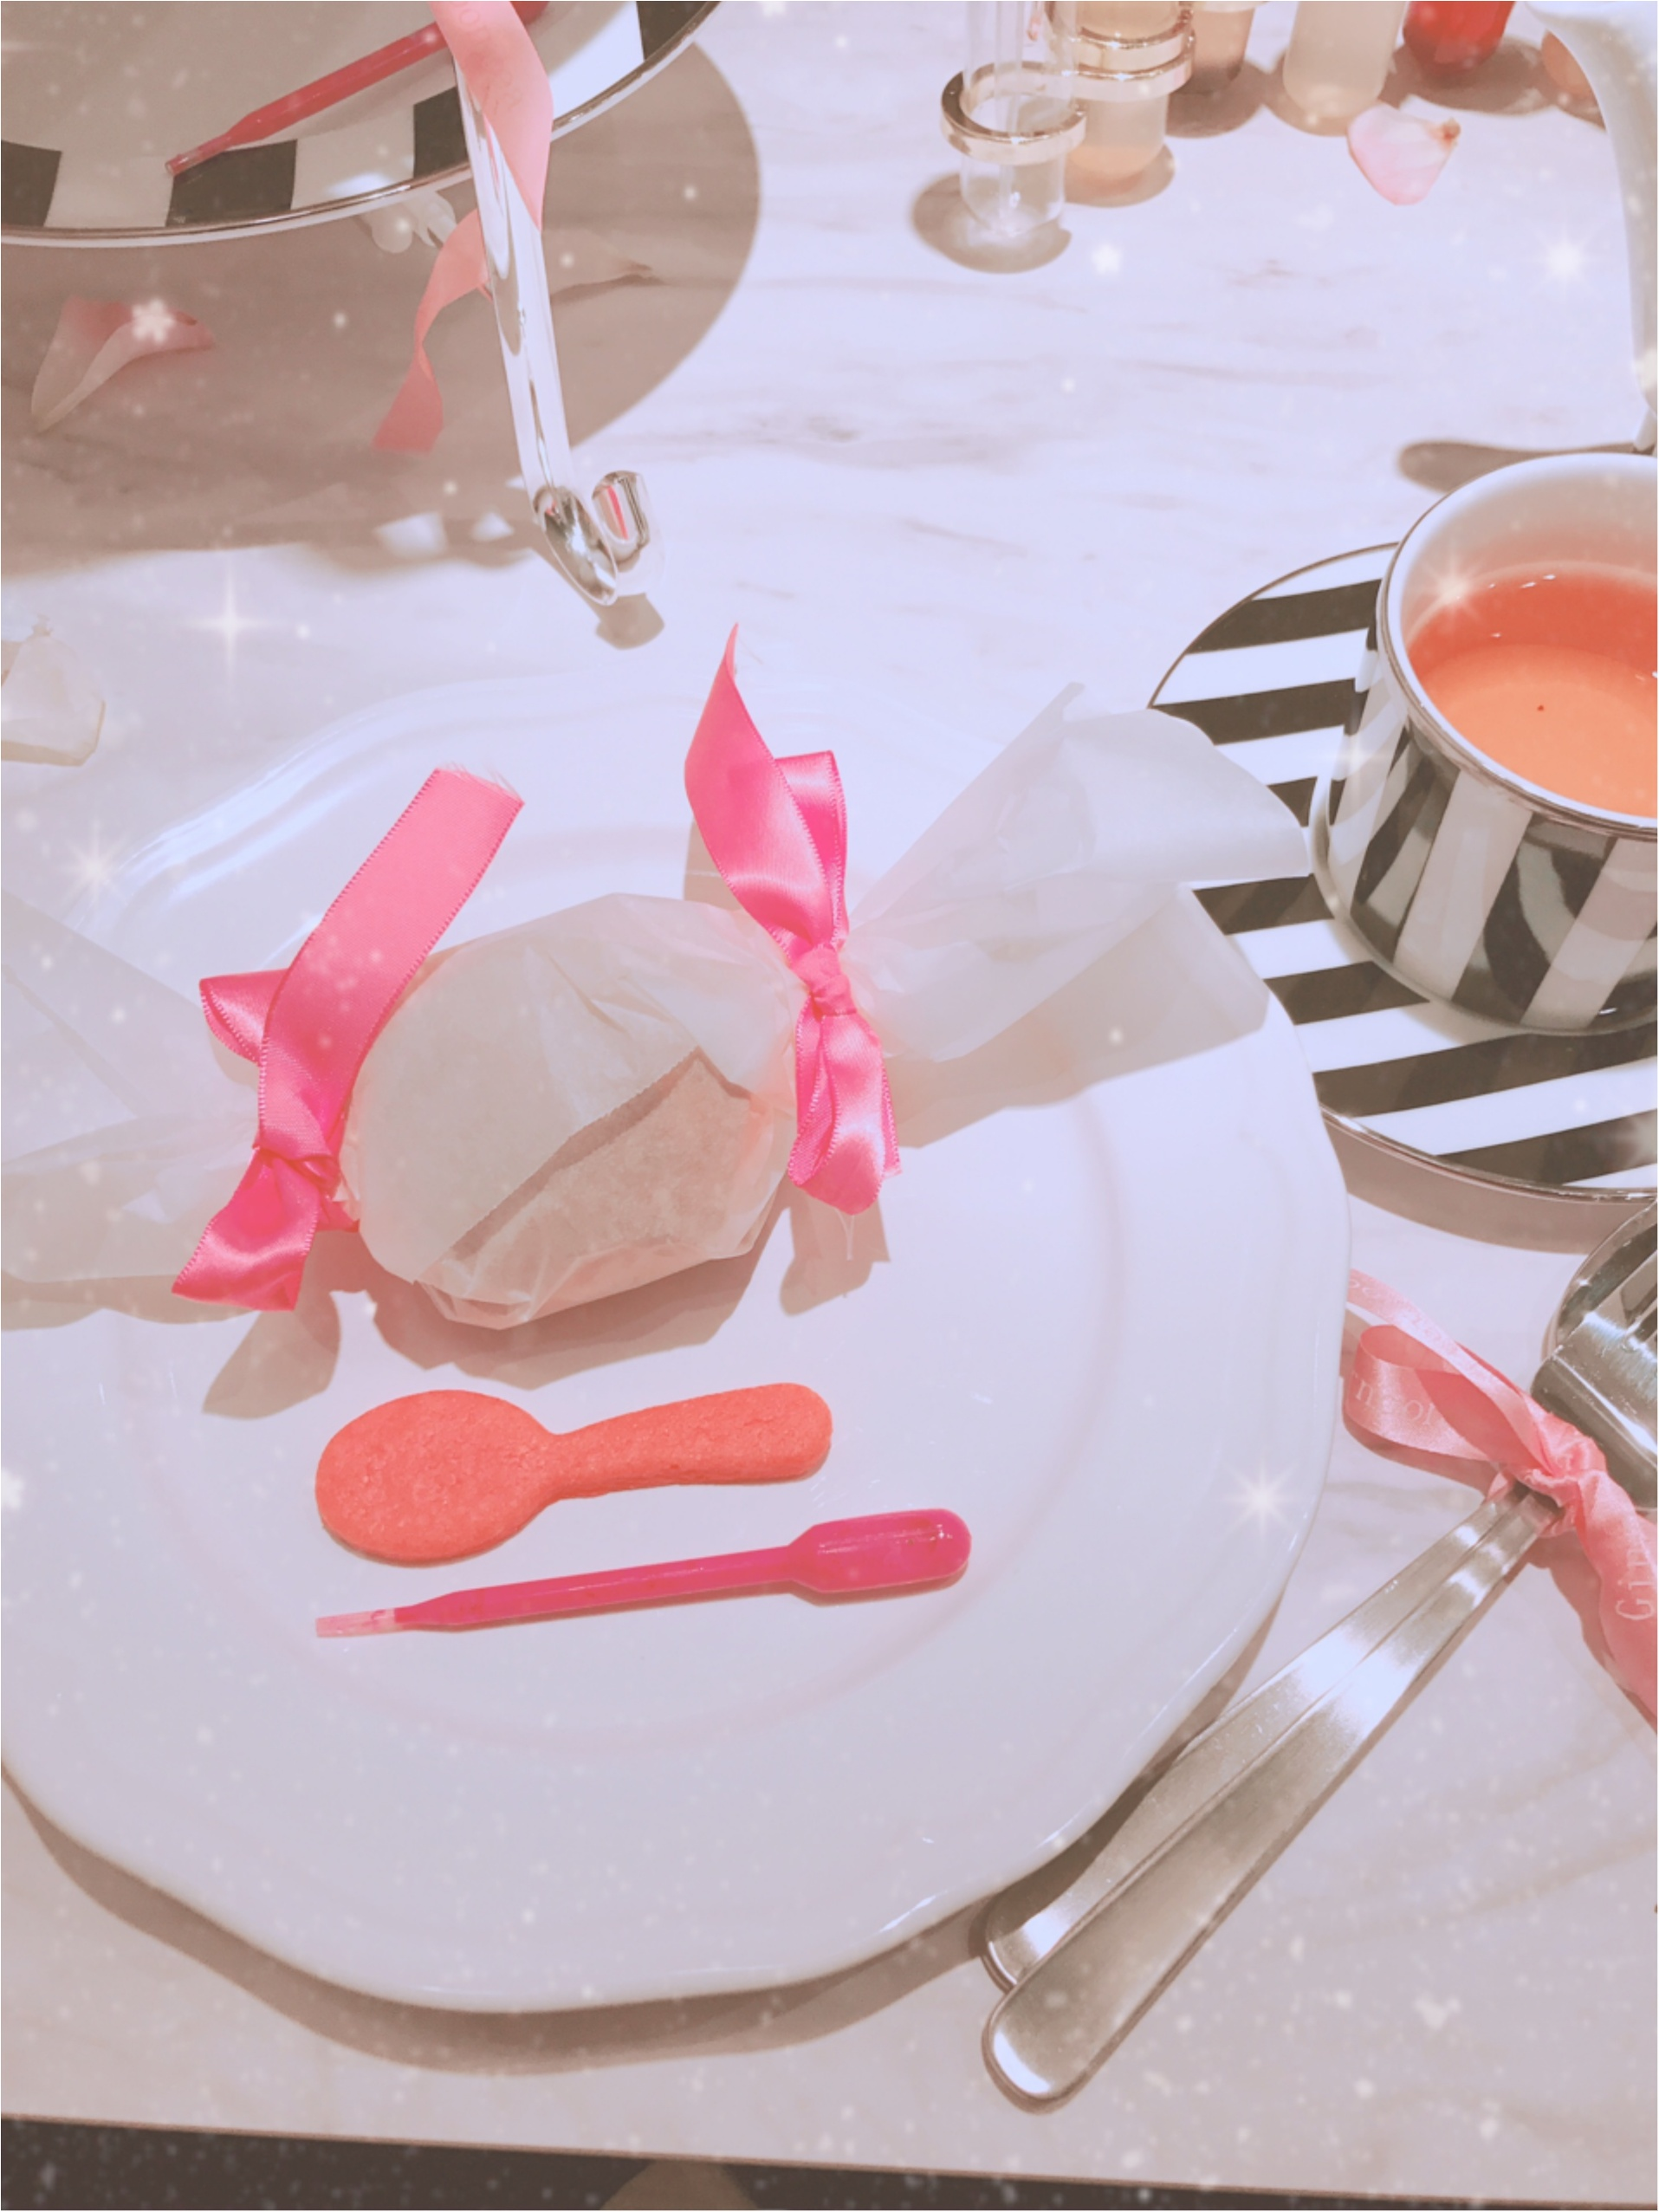 土日祝限定!完全予約制、ジンジャーガーデン青山のピンクアフタヌーンティーが可愛すぎる!_13